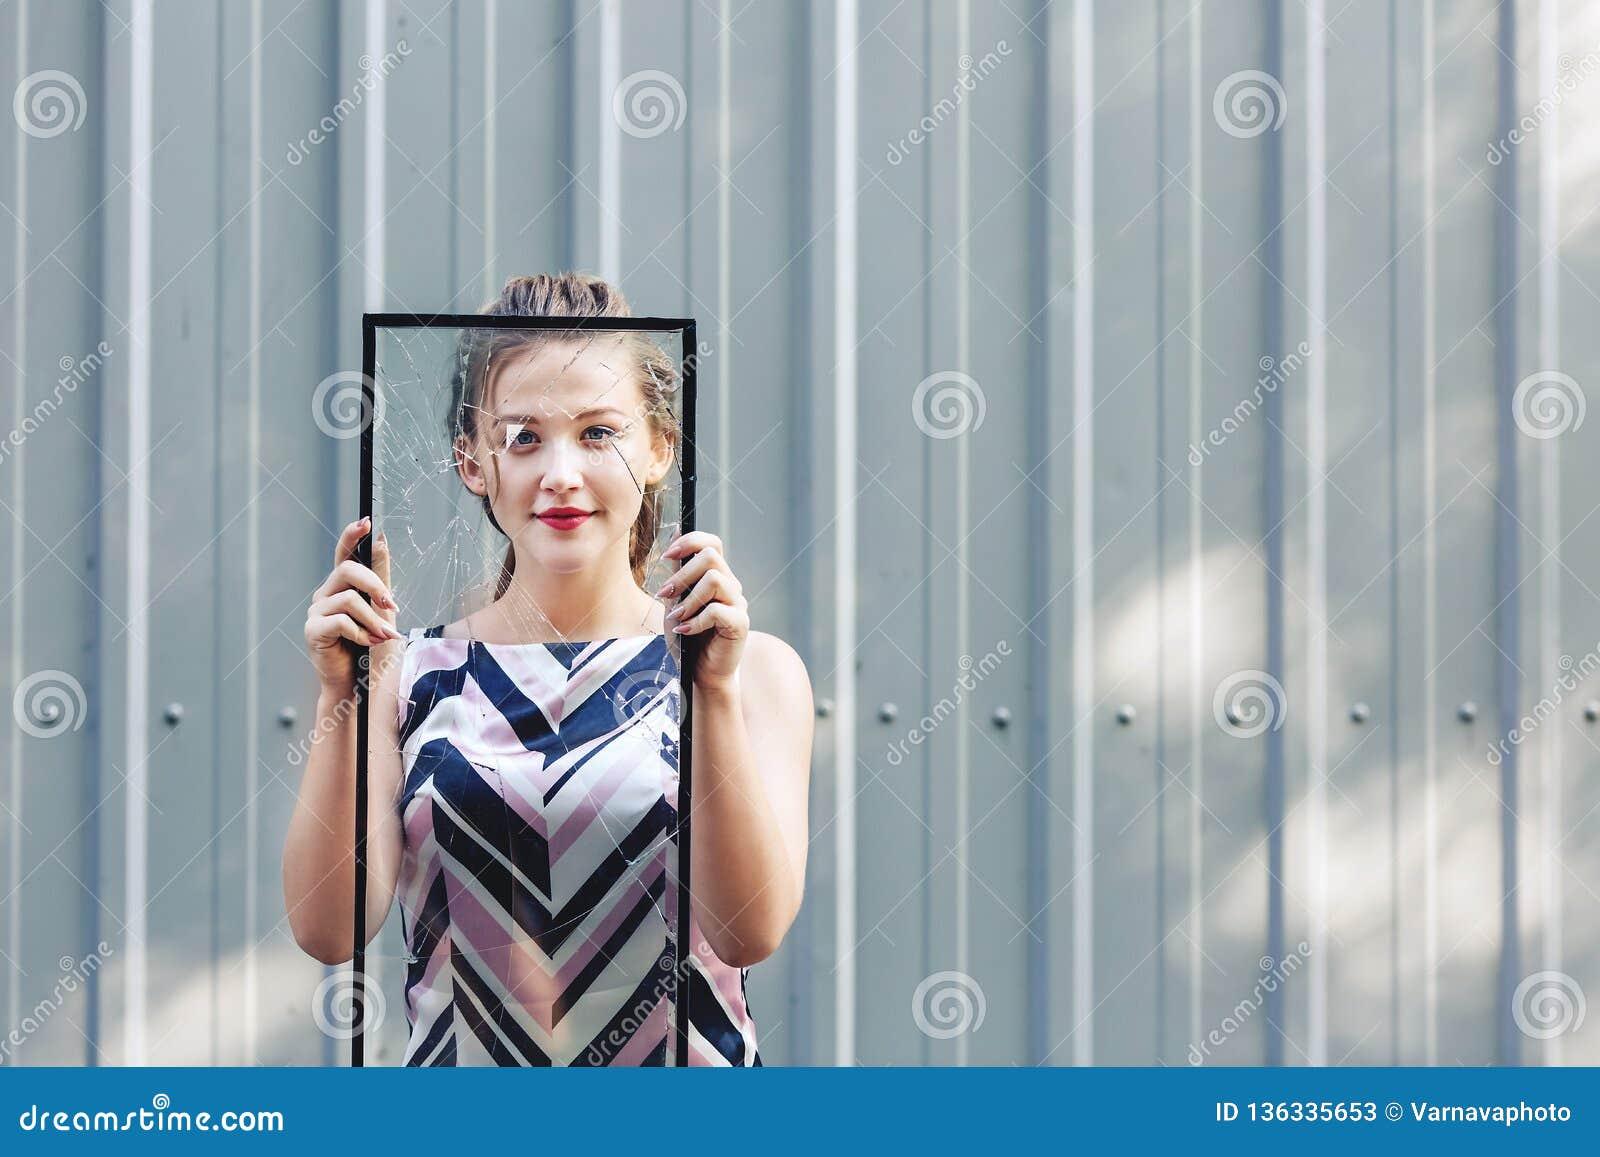 Όμορφο σπασμένο εκμετάλλευση γυαλί κοριτσιών εφήβων στα χέρια της Φεμινισμός έννοιας